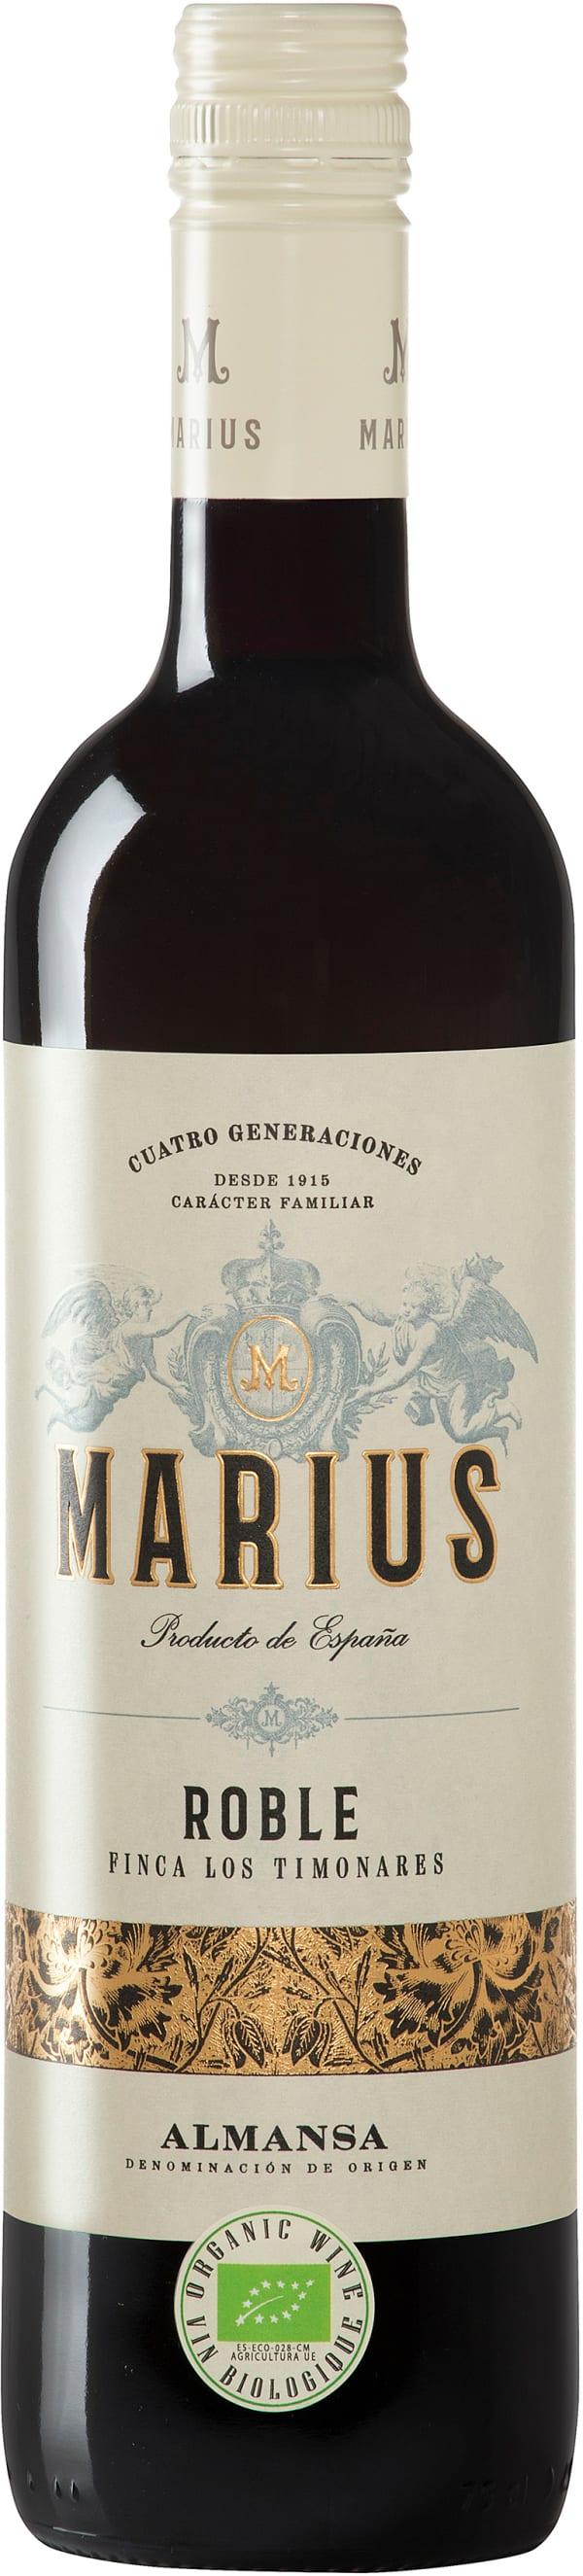 Marius Roble Organic 2016